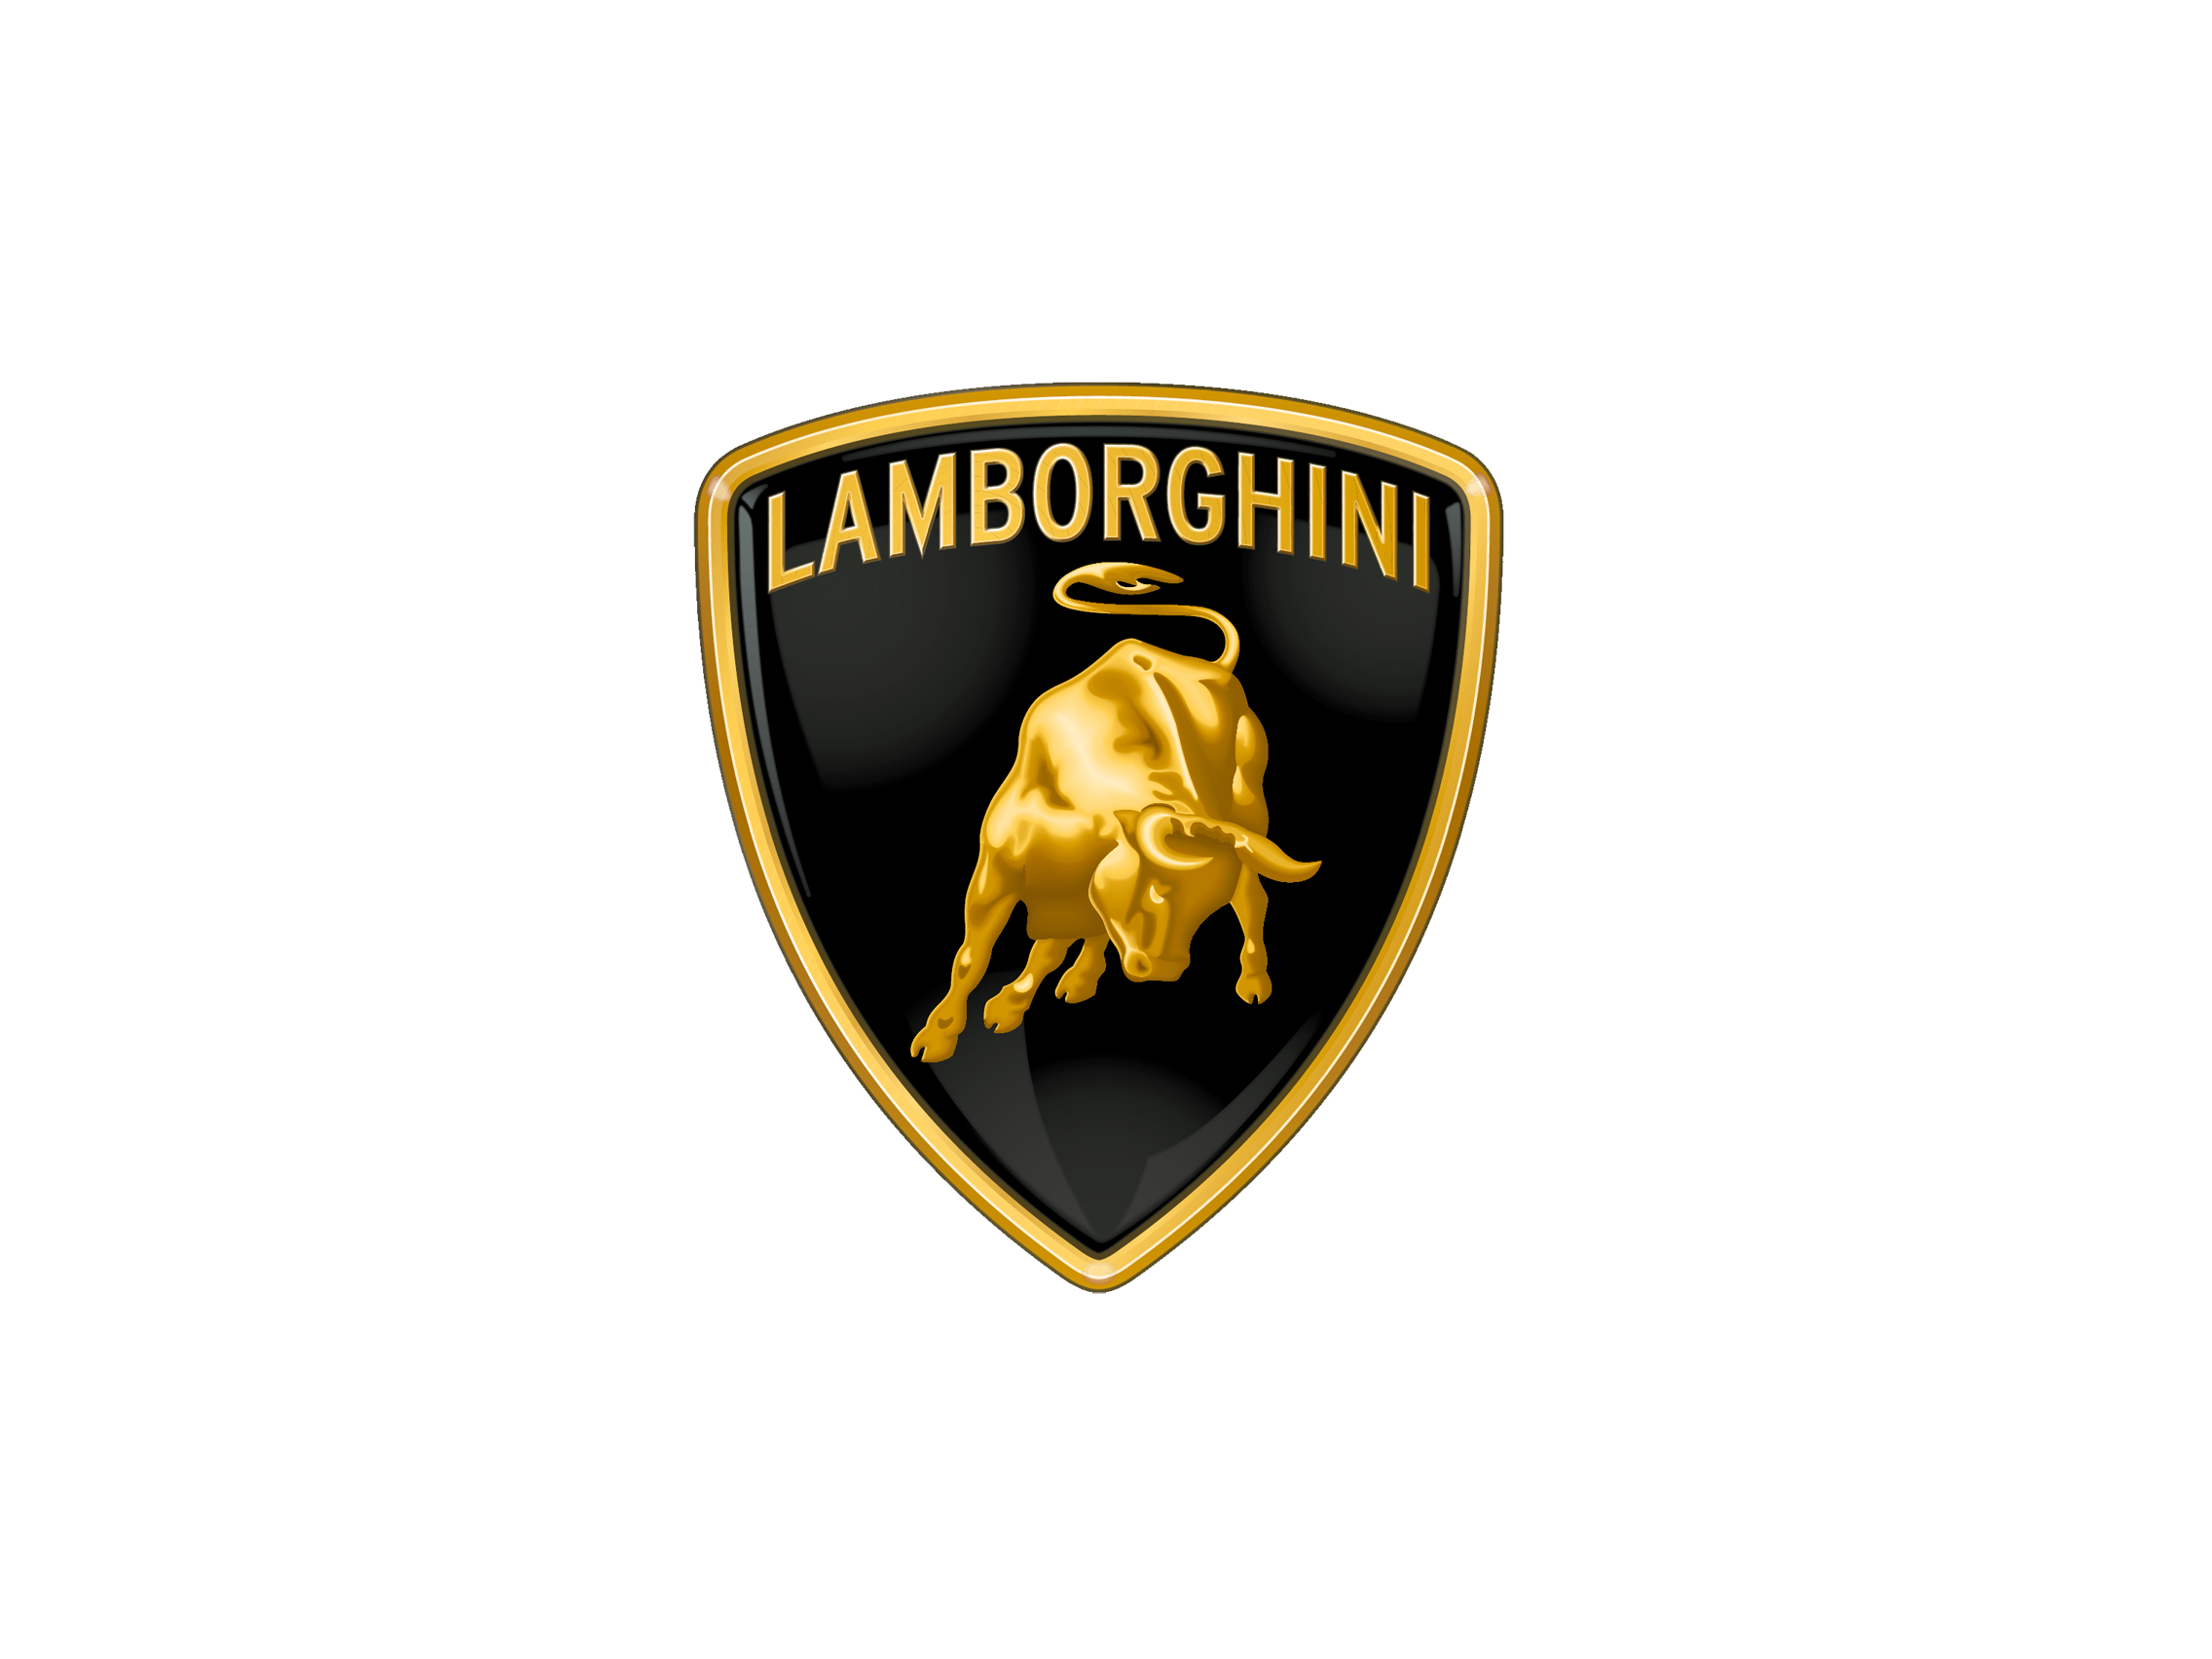 www.lamborghinibroward.com